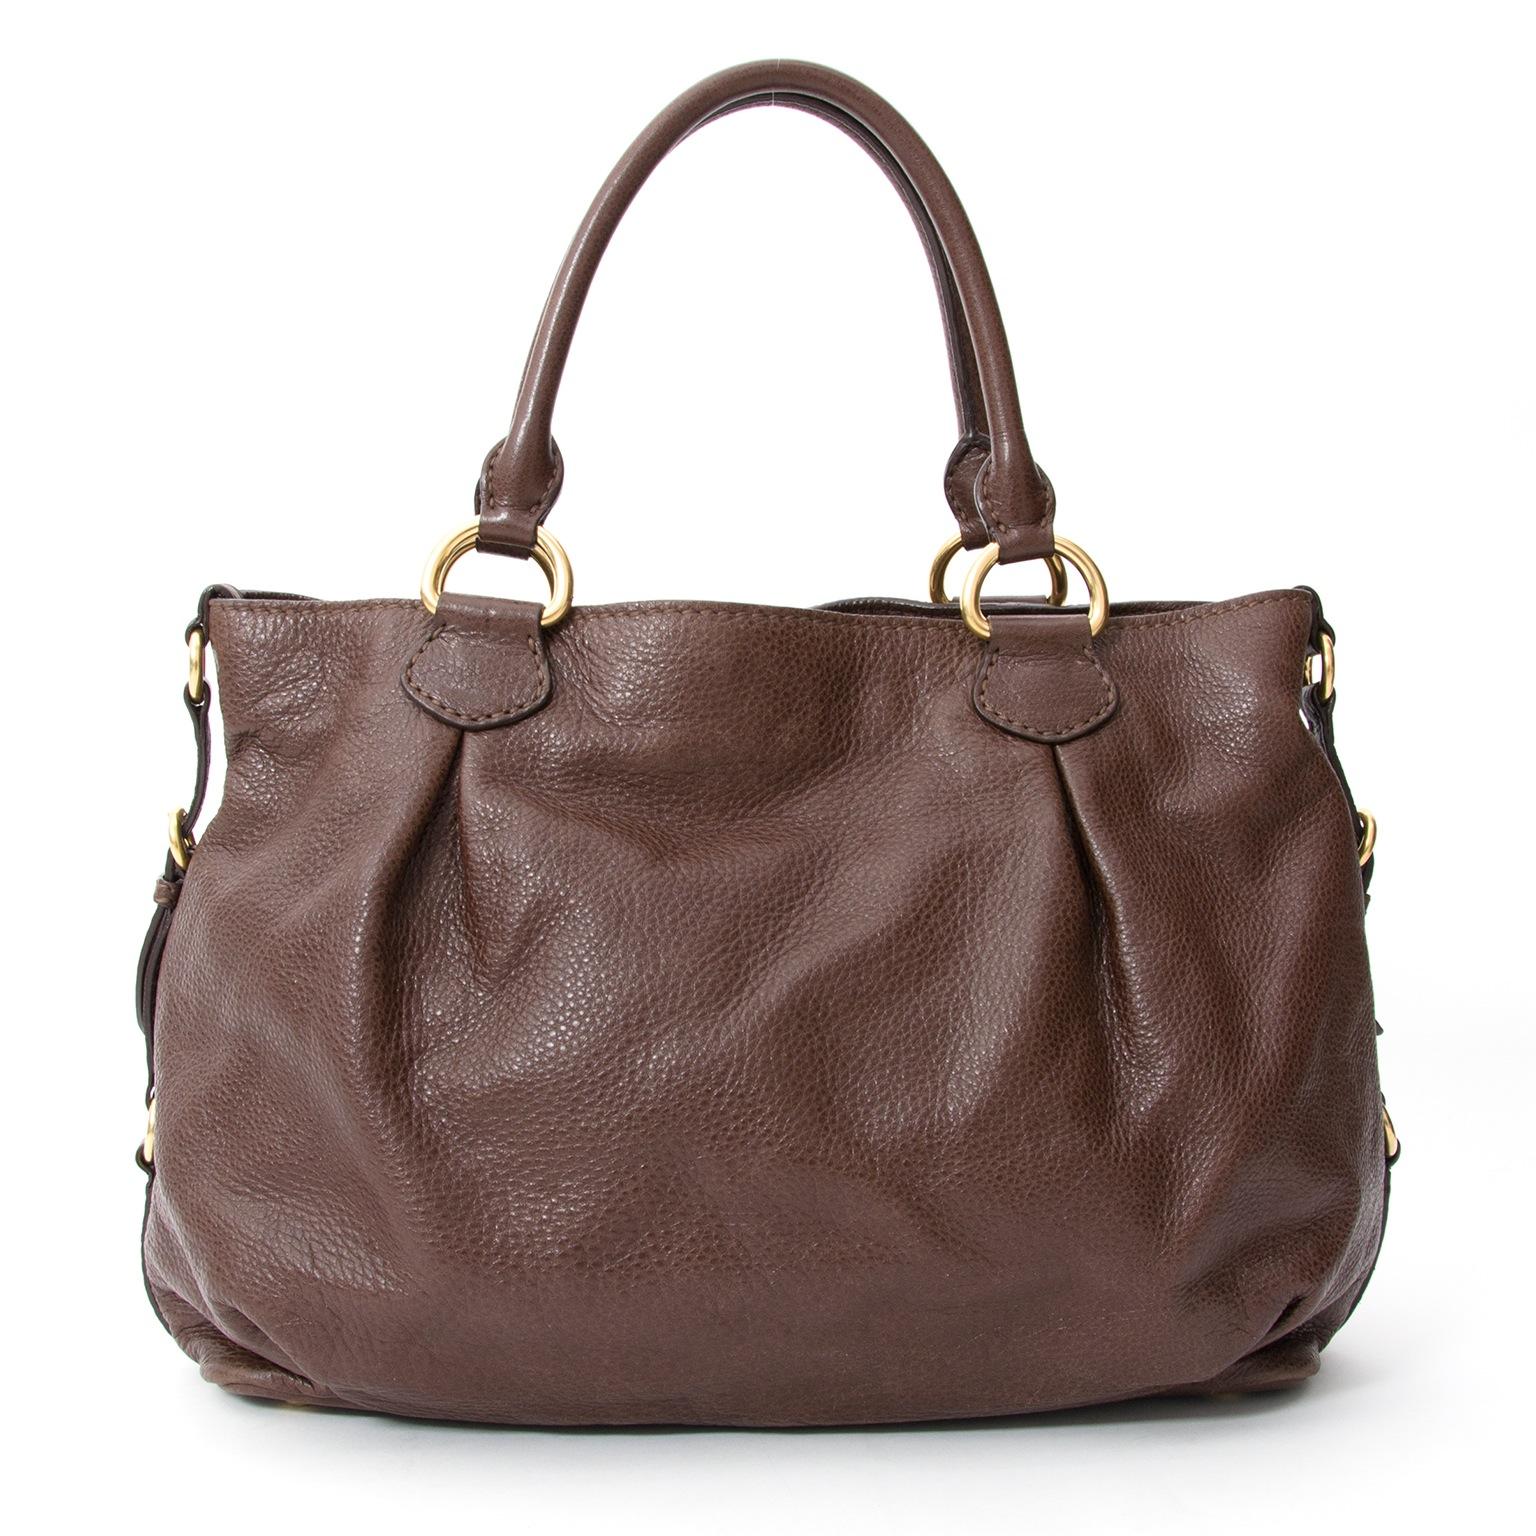 ... or new luxury handbags, visit Miu Miu Bruine Leren Shoudertas, Labellov  biedt een ruime selectie aan nieuwe en tweedehands luxe a10986ad80